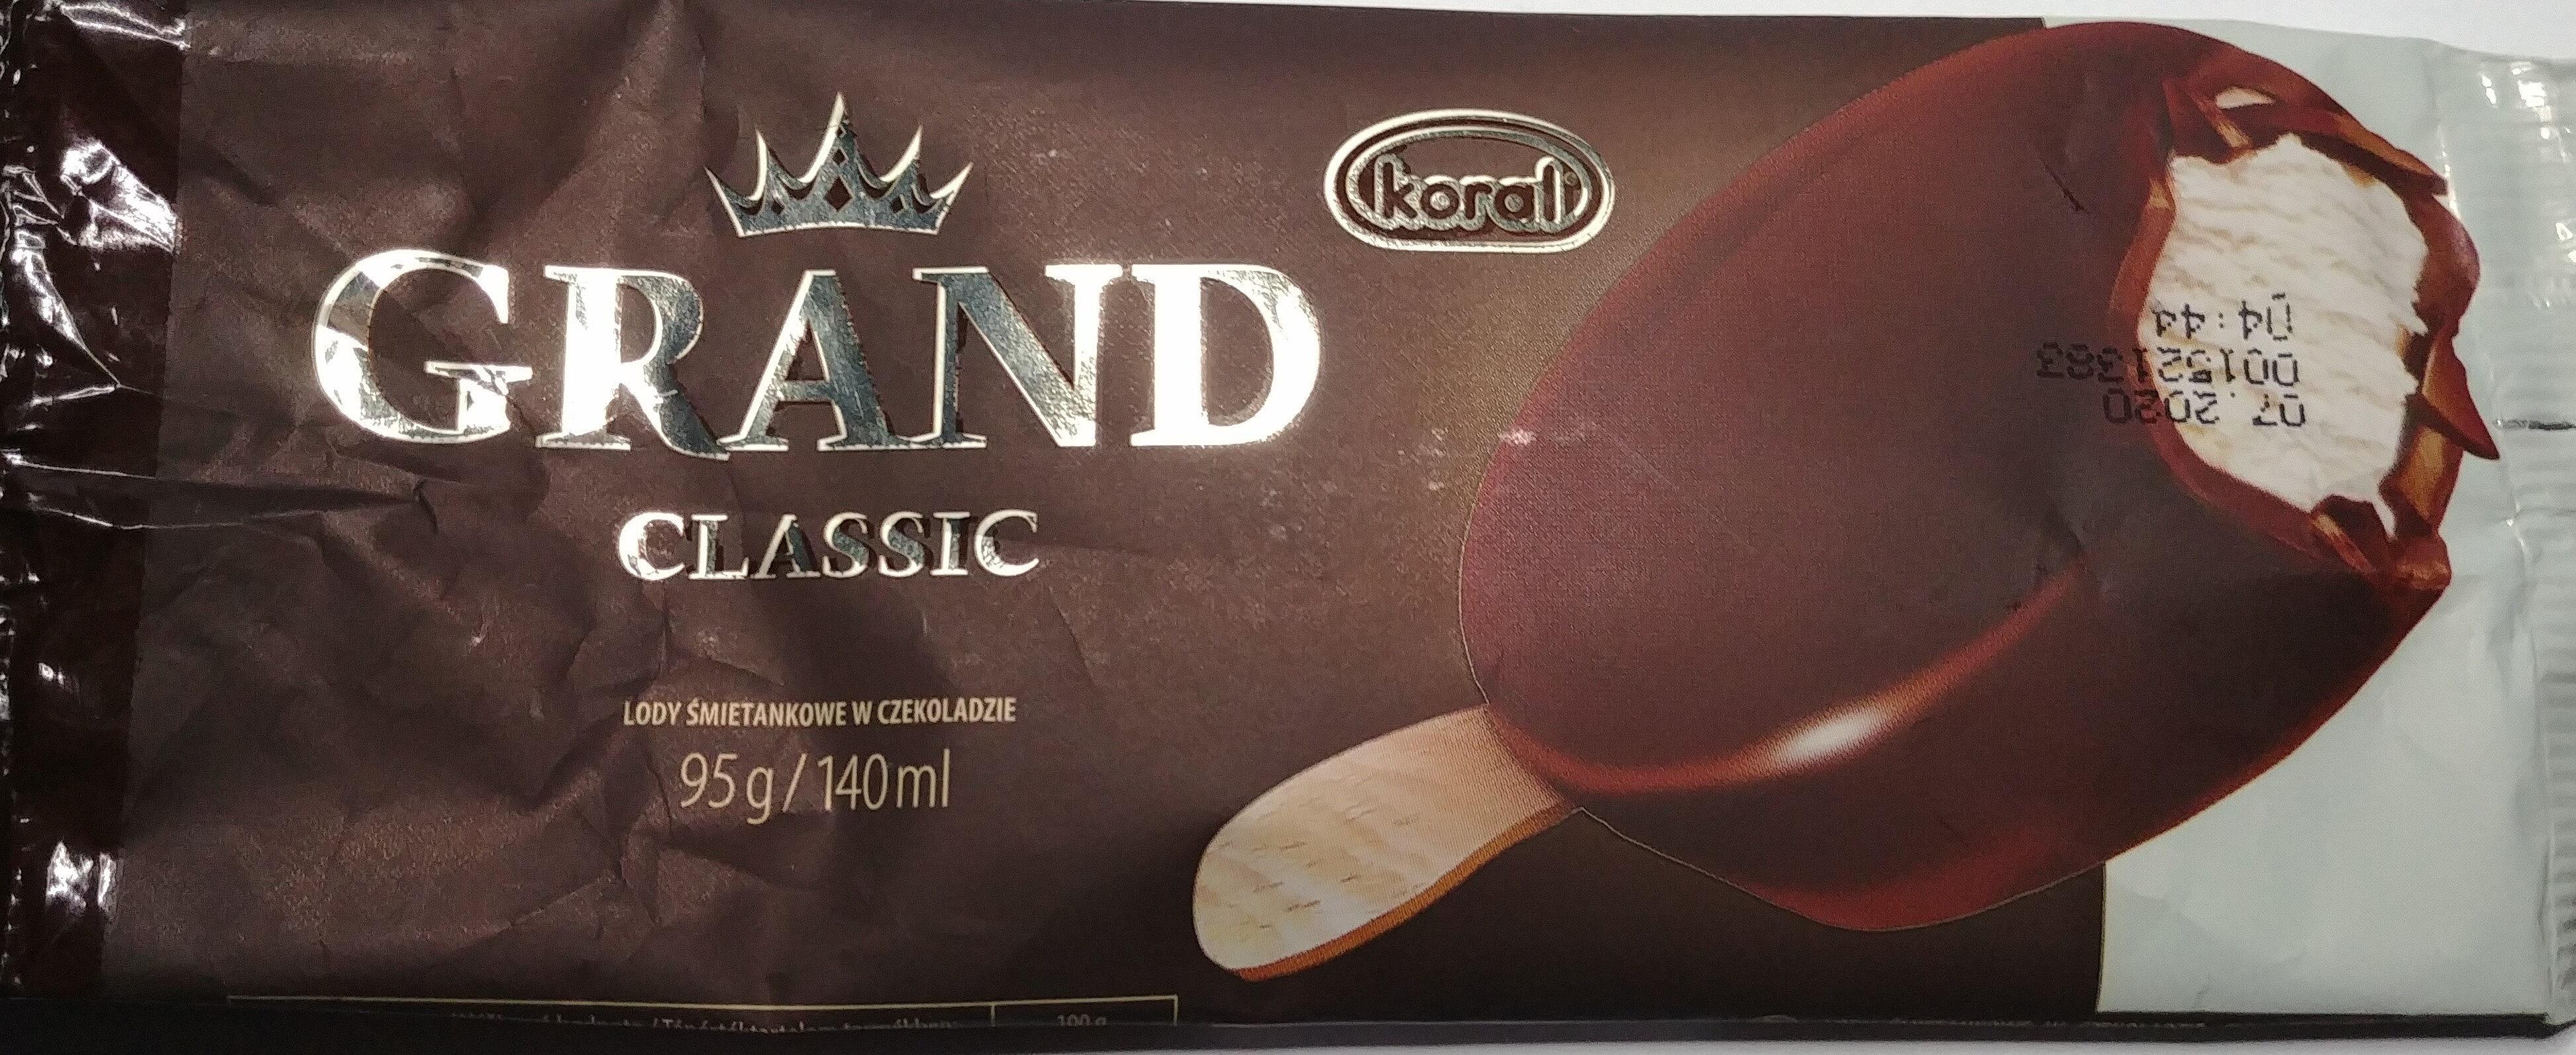 Lody śmietankowe w czekoladzie - Produkt